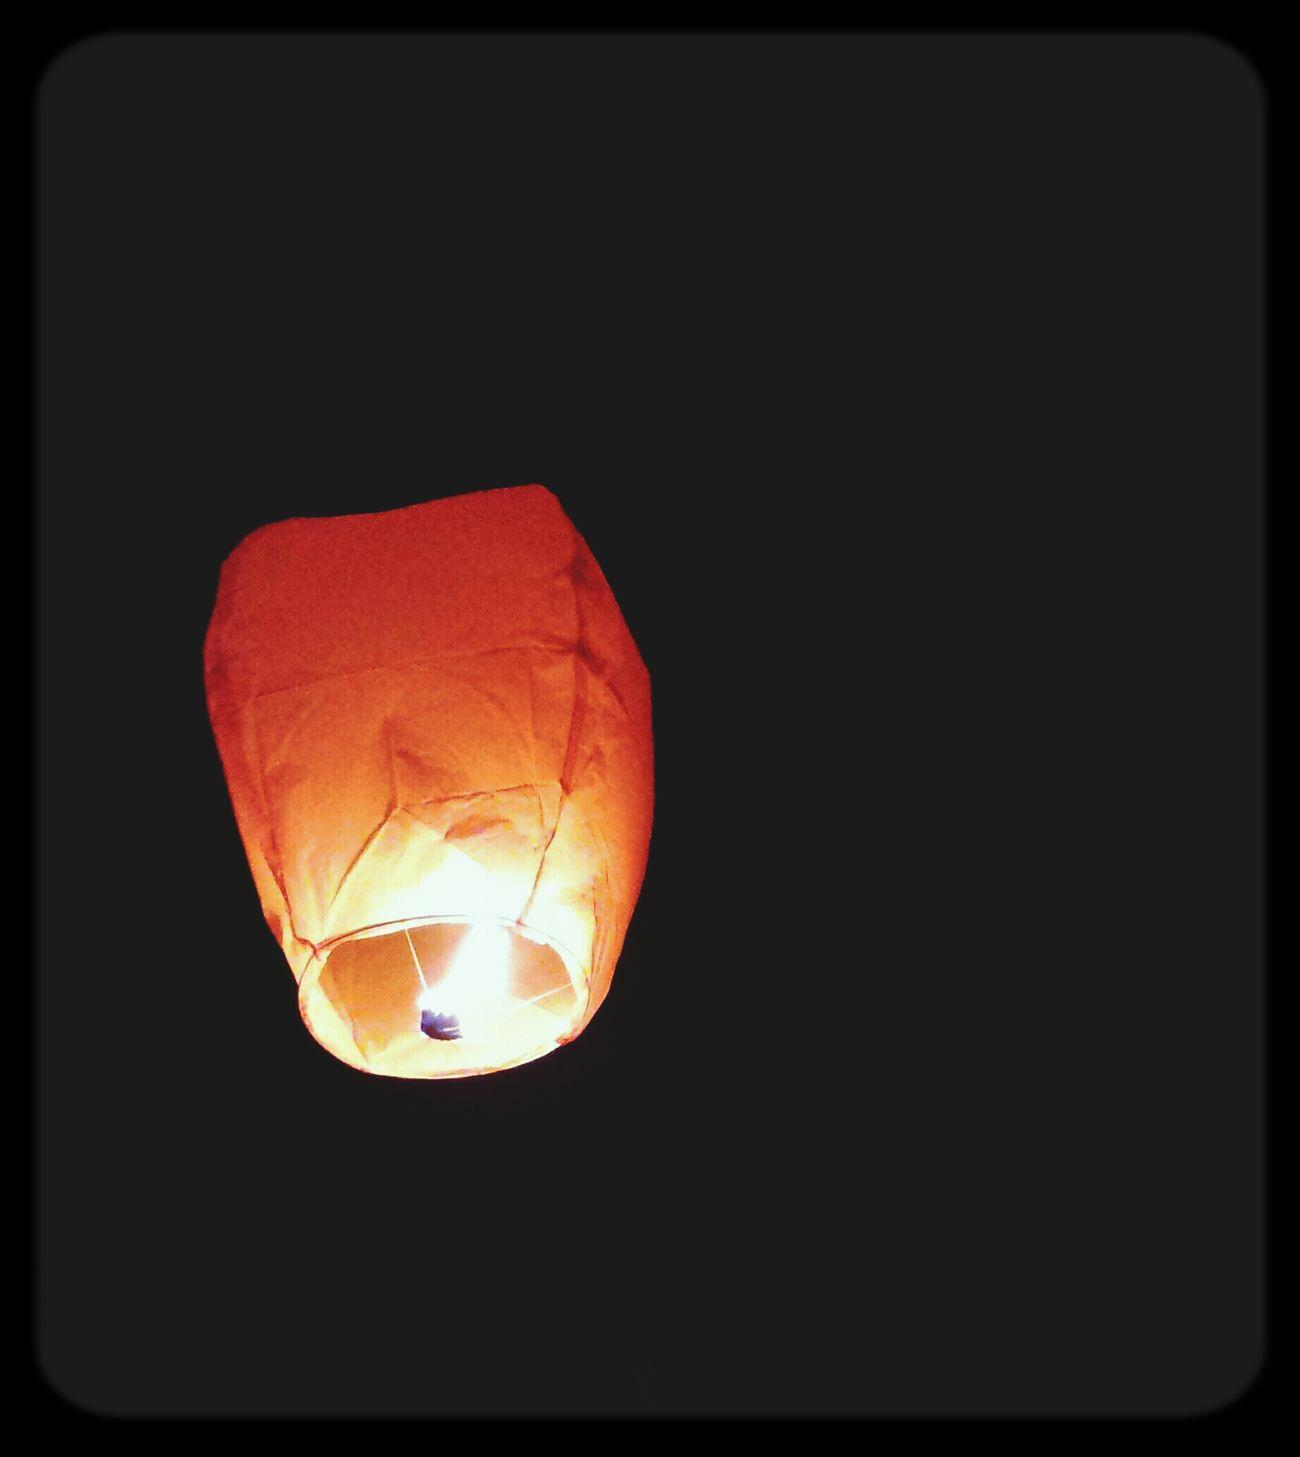 Lanterna Fire Taking Photos Enjoying Life